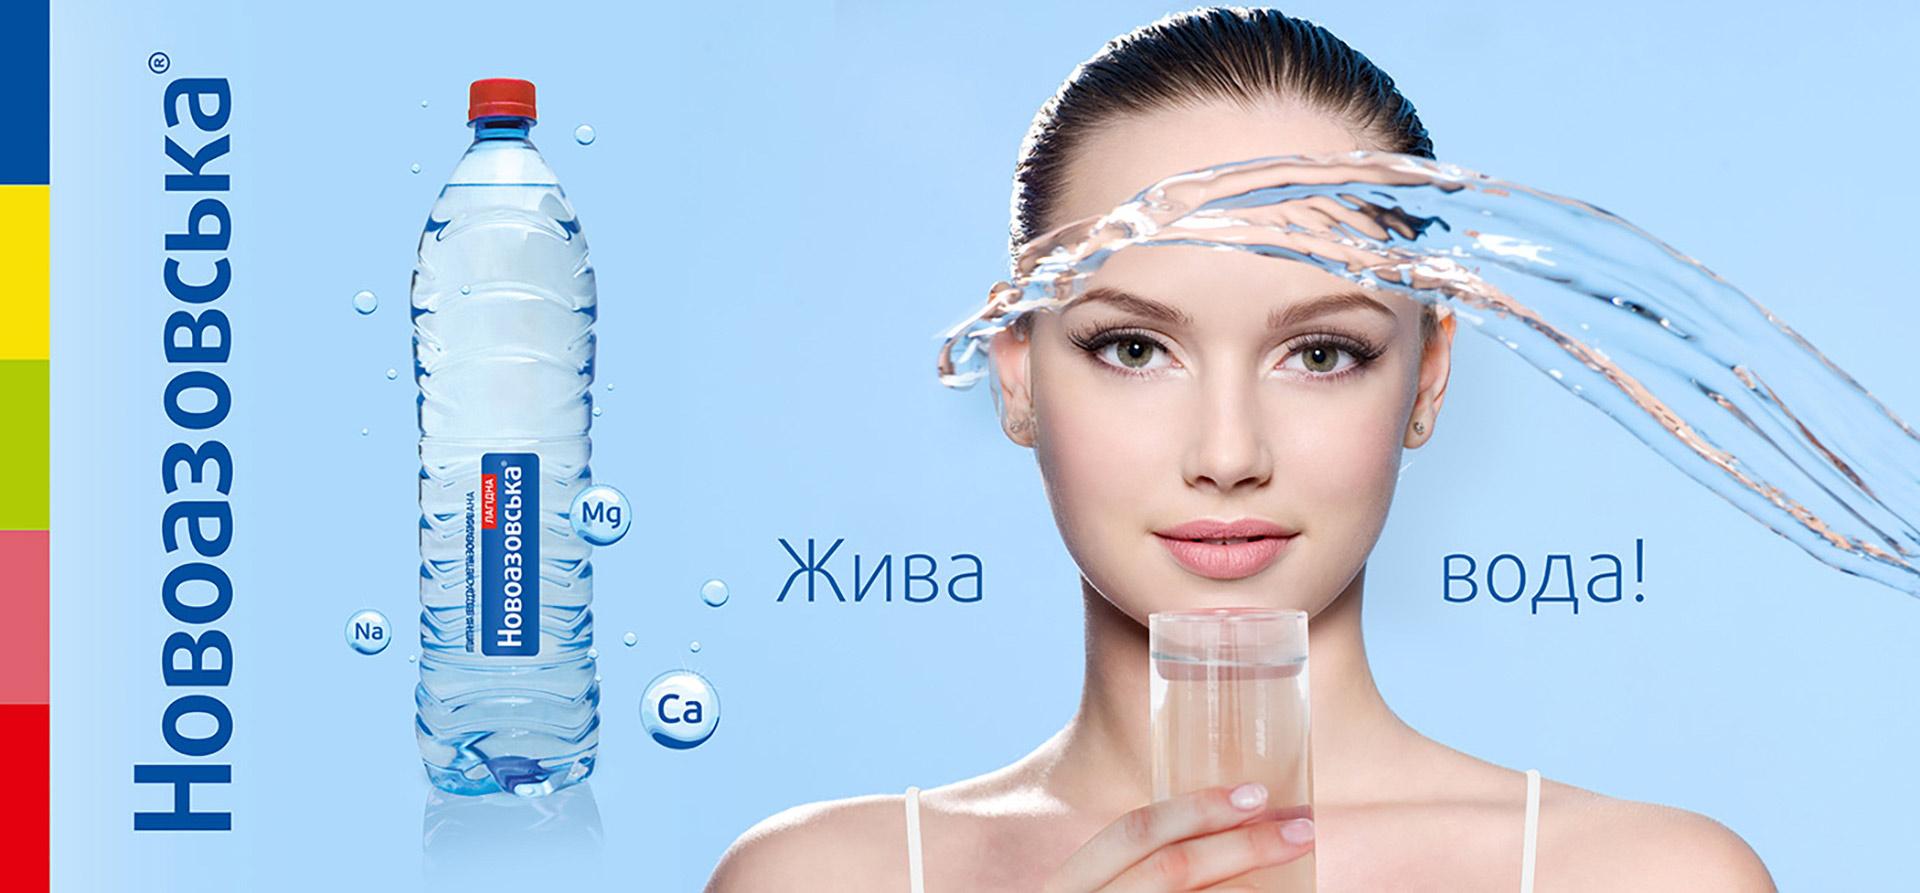 Дизайн этикетки для минеральной воды